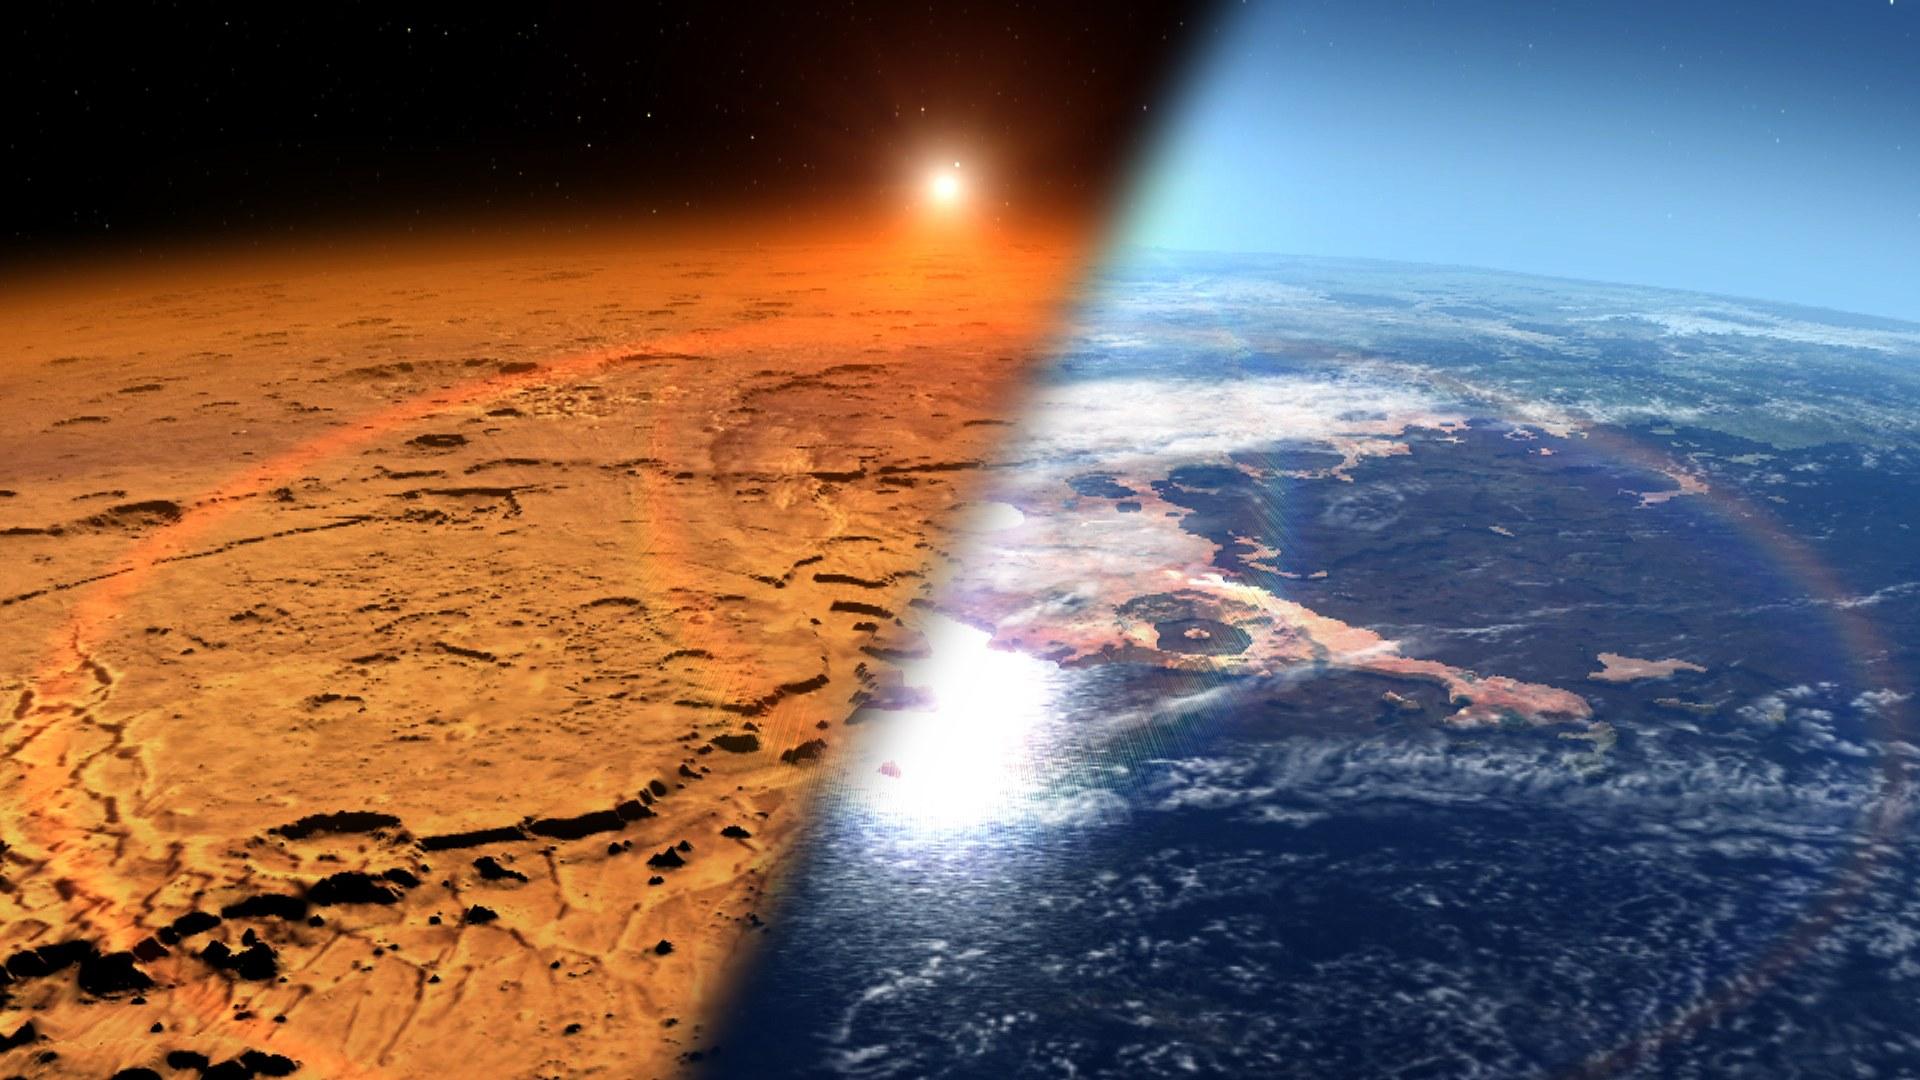 НАСА предлагает восстановить атмосферу Марса при помощи магнитного щита - 1